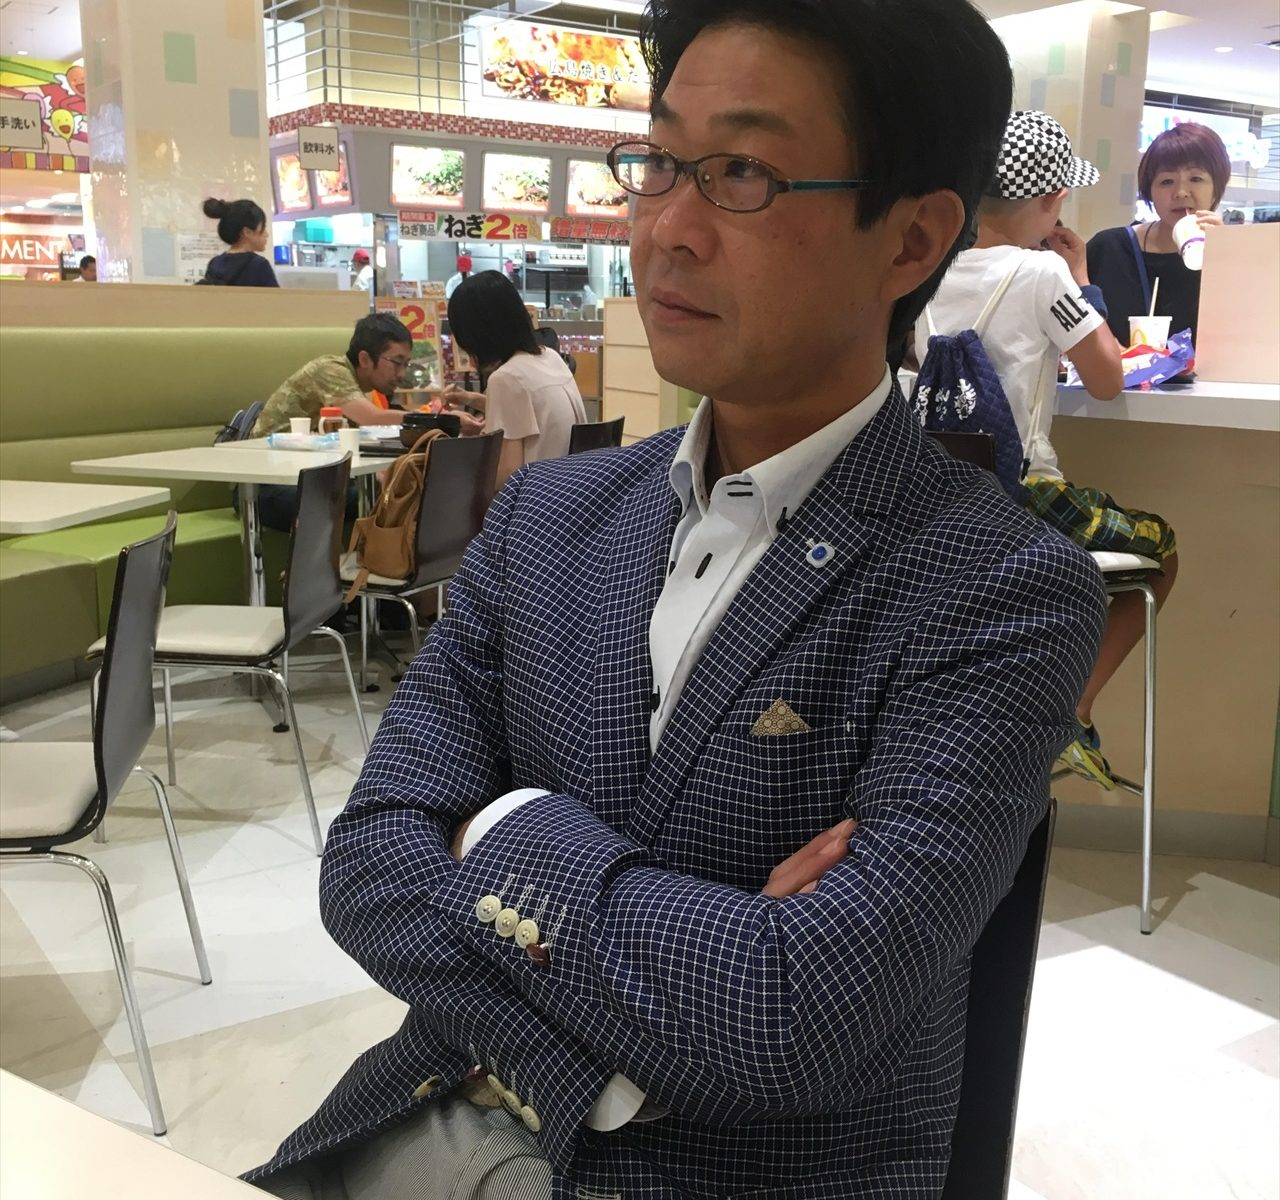 番外編「ウジケさんに訊いてみよう」【無料】